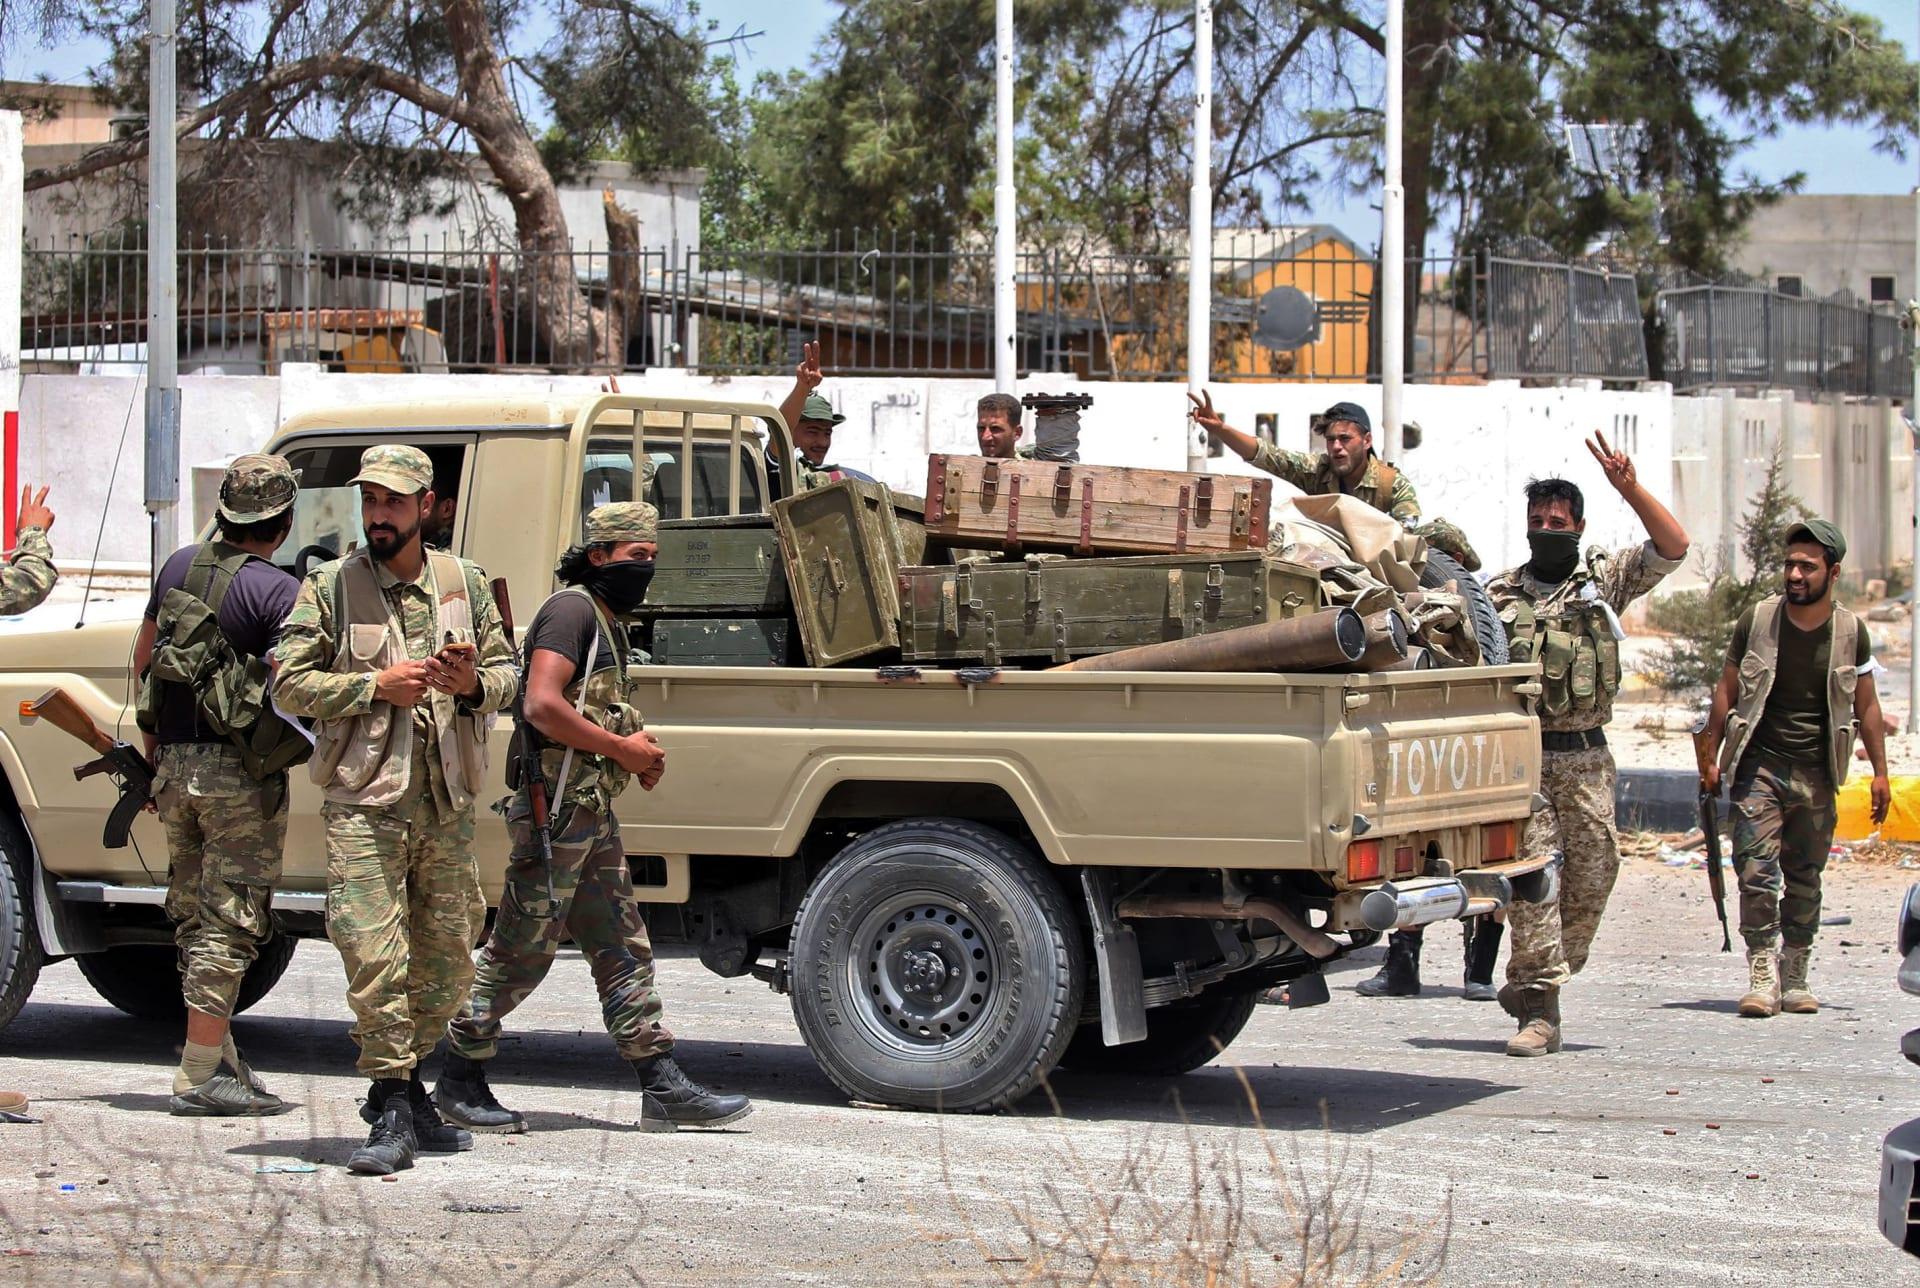 الأمم المتحدة توجه رسالة لحكومة السراج حول اعتقال واحتجاز وسوء معاملة مصريين في ليبيا